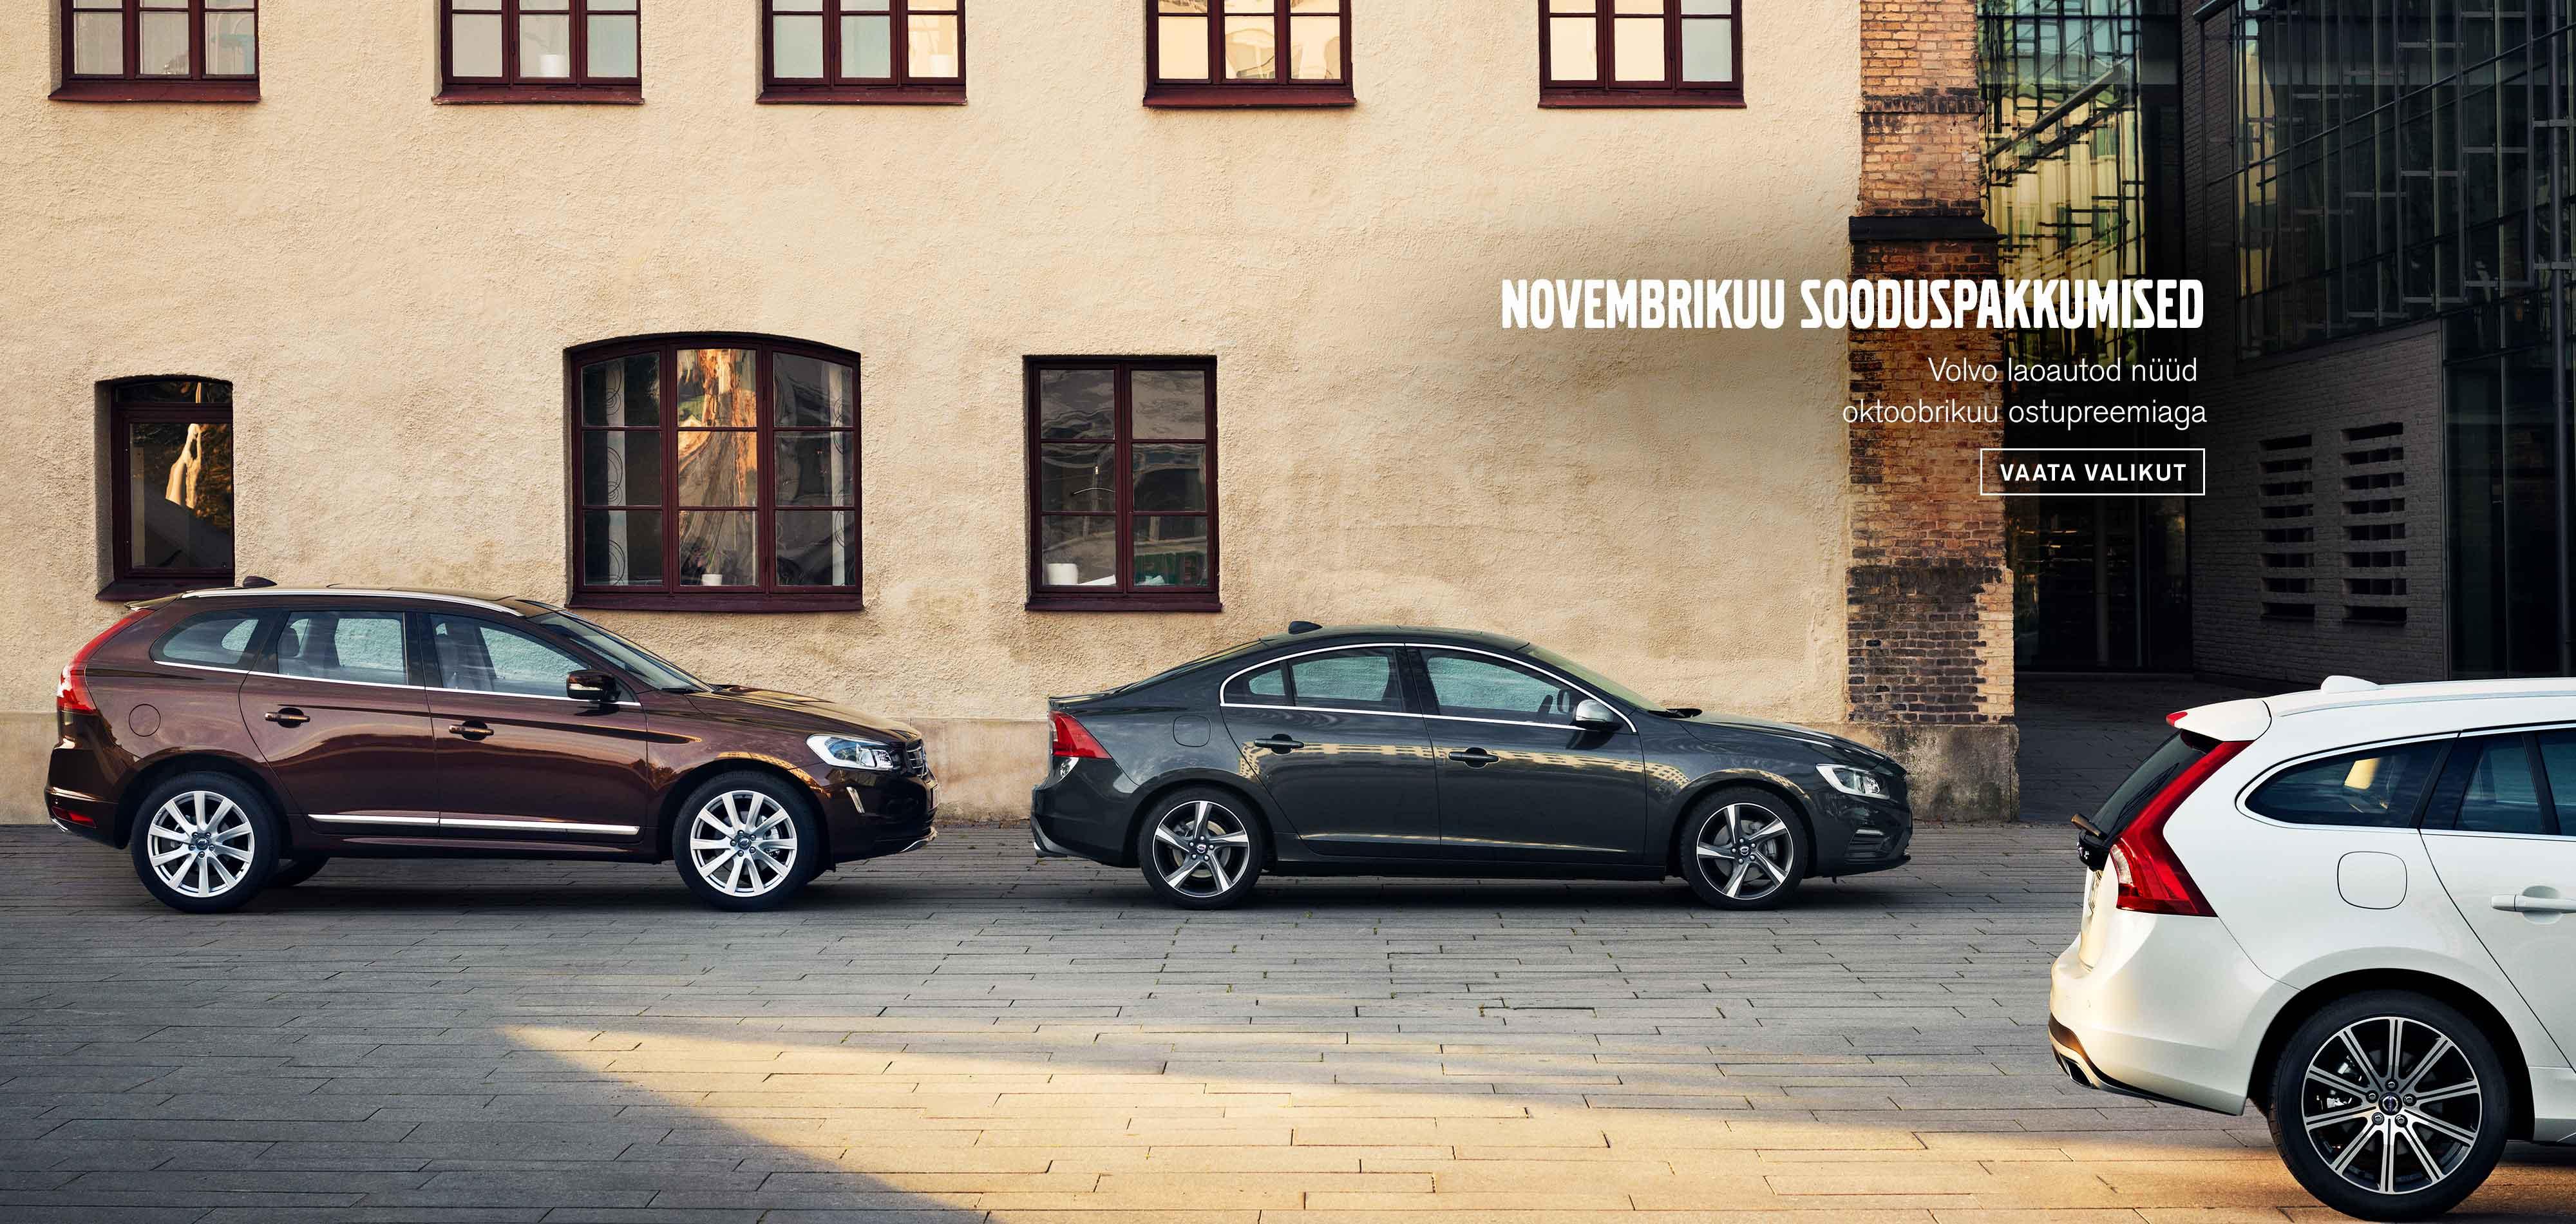 Volvo laoautode novembrikuu sooduspakkumised